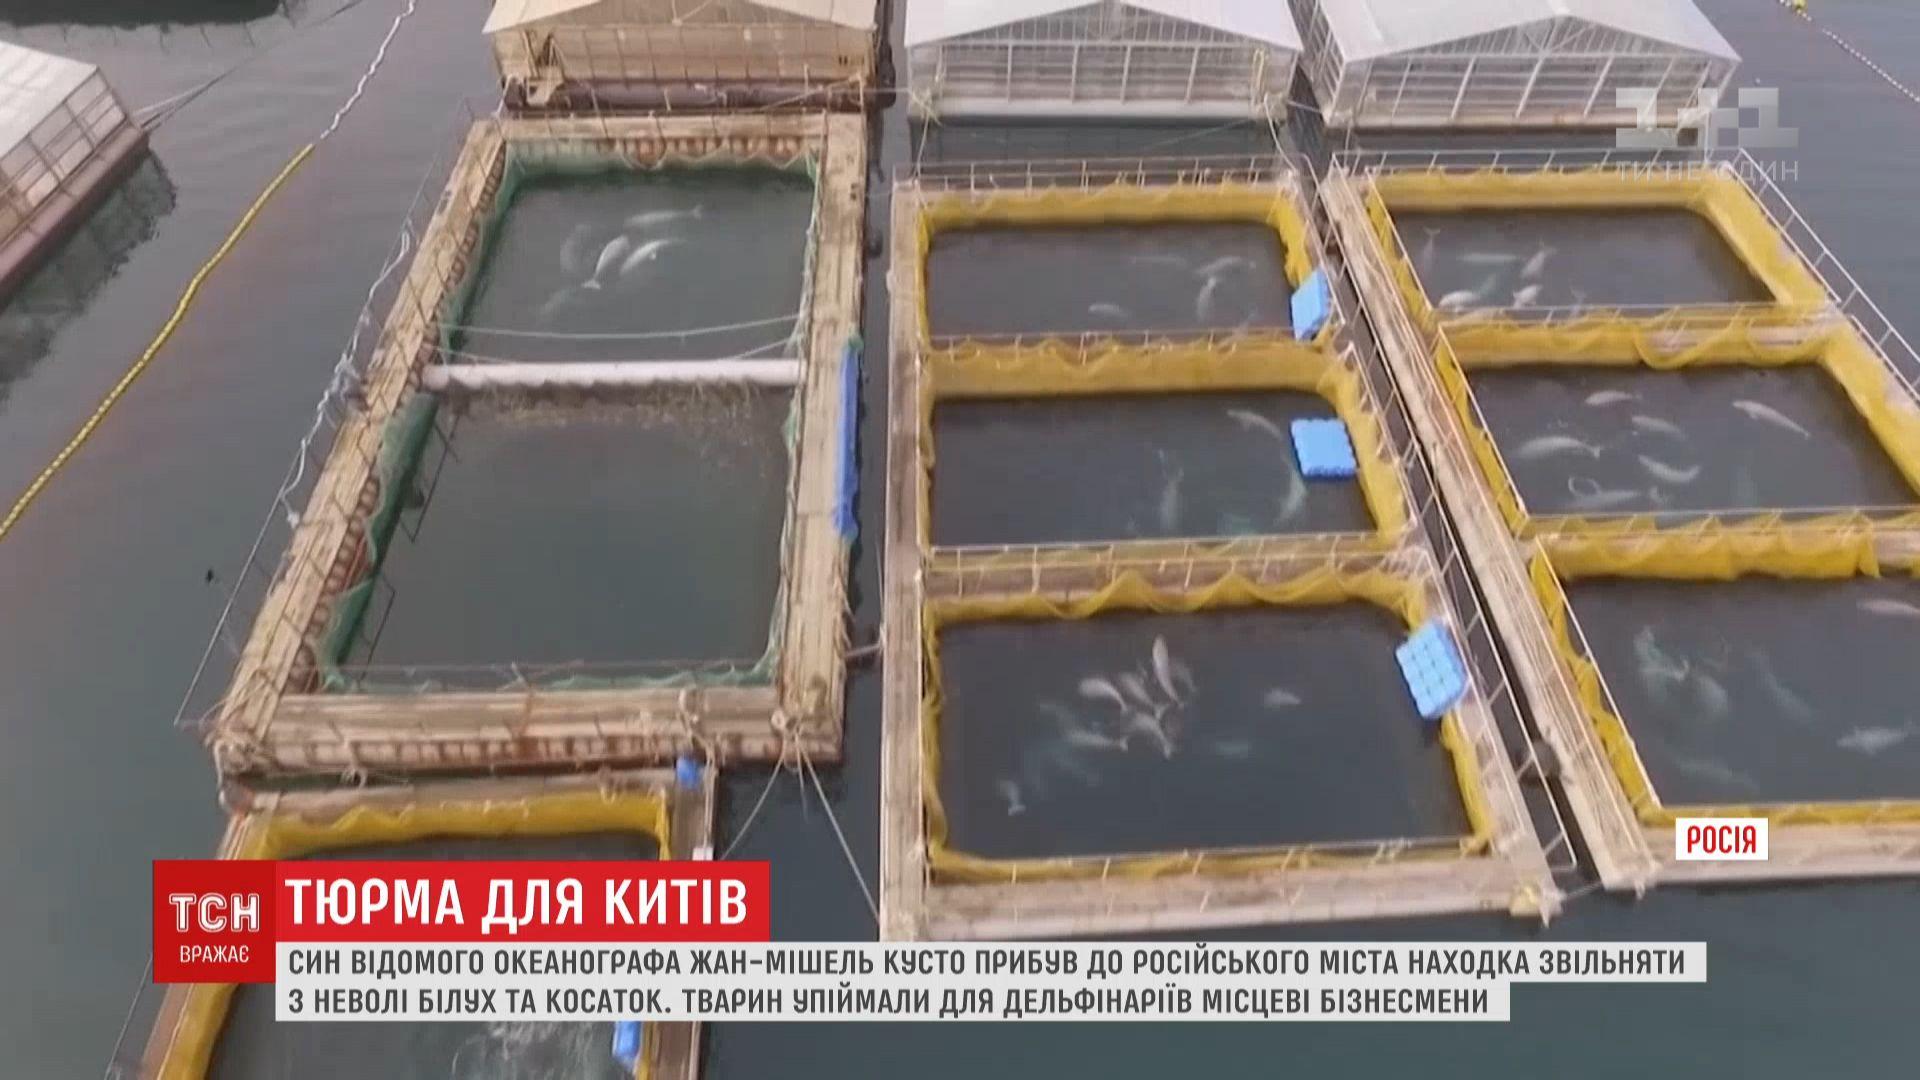 О созданной российскими бизнесменами тюрьмедля 80 белух и 10 косаток стало известно осенью / скриншот